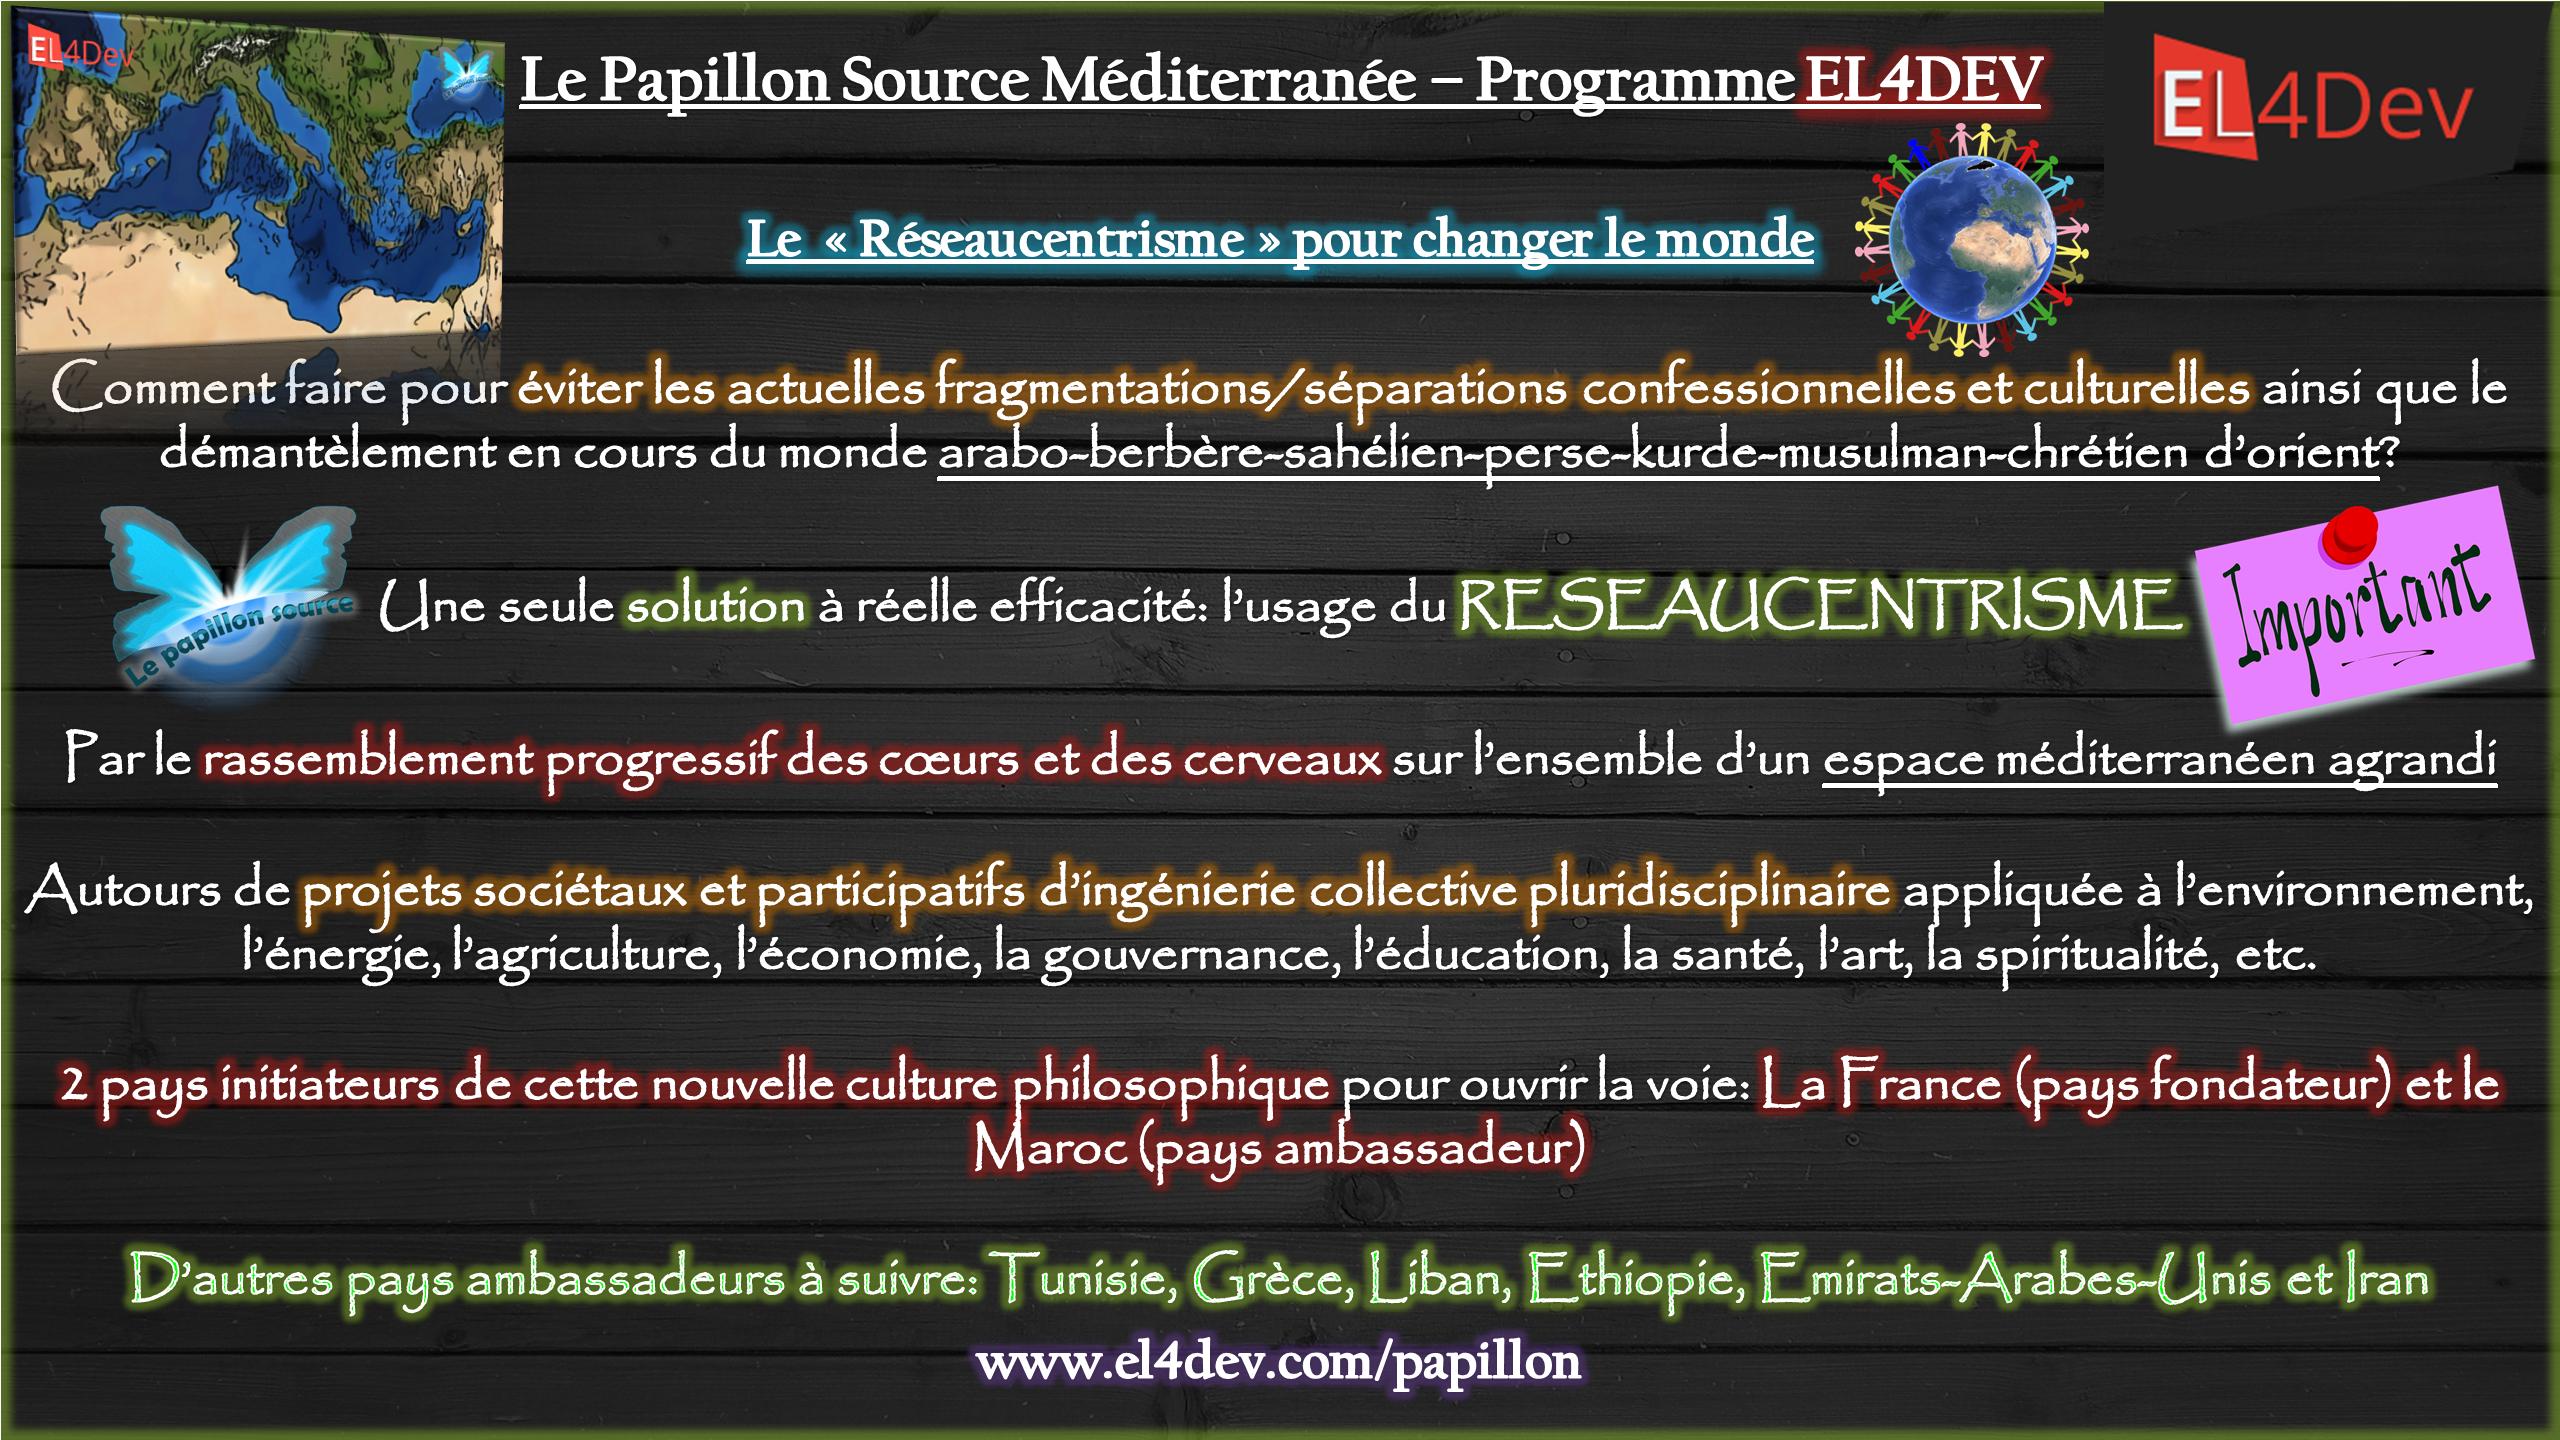 LE PAPILLON SOURCE EL4DEV